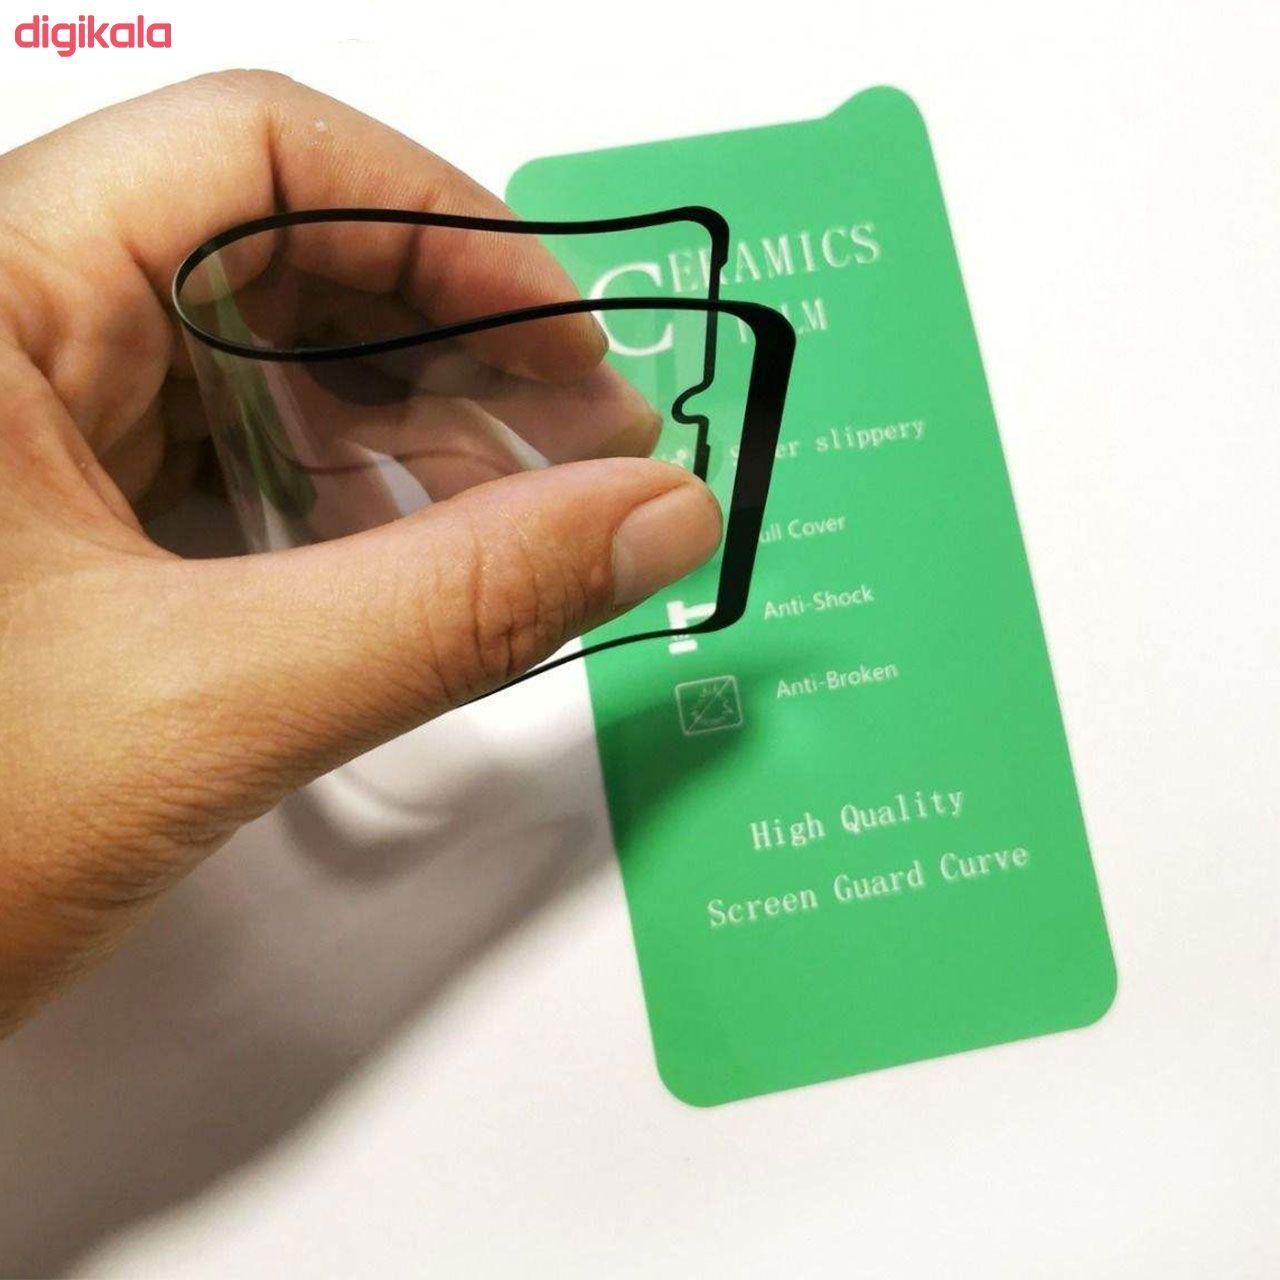 محافظ صفحه نمایش شیپ مدل shcrm-01 مناسب برای گوشی موبایل اپل Iphone 6/6s main 1 2